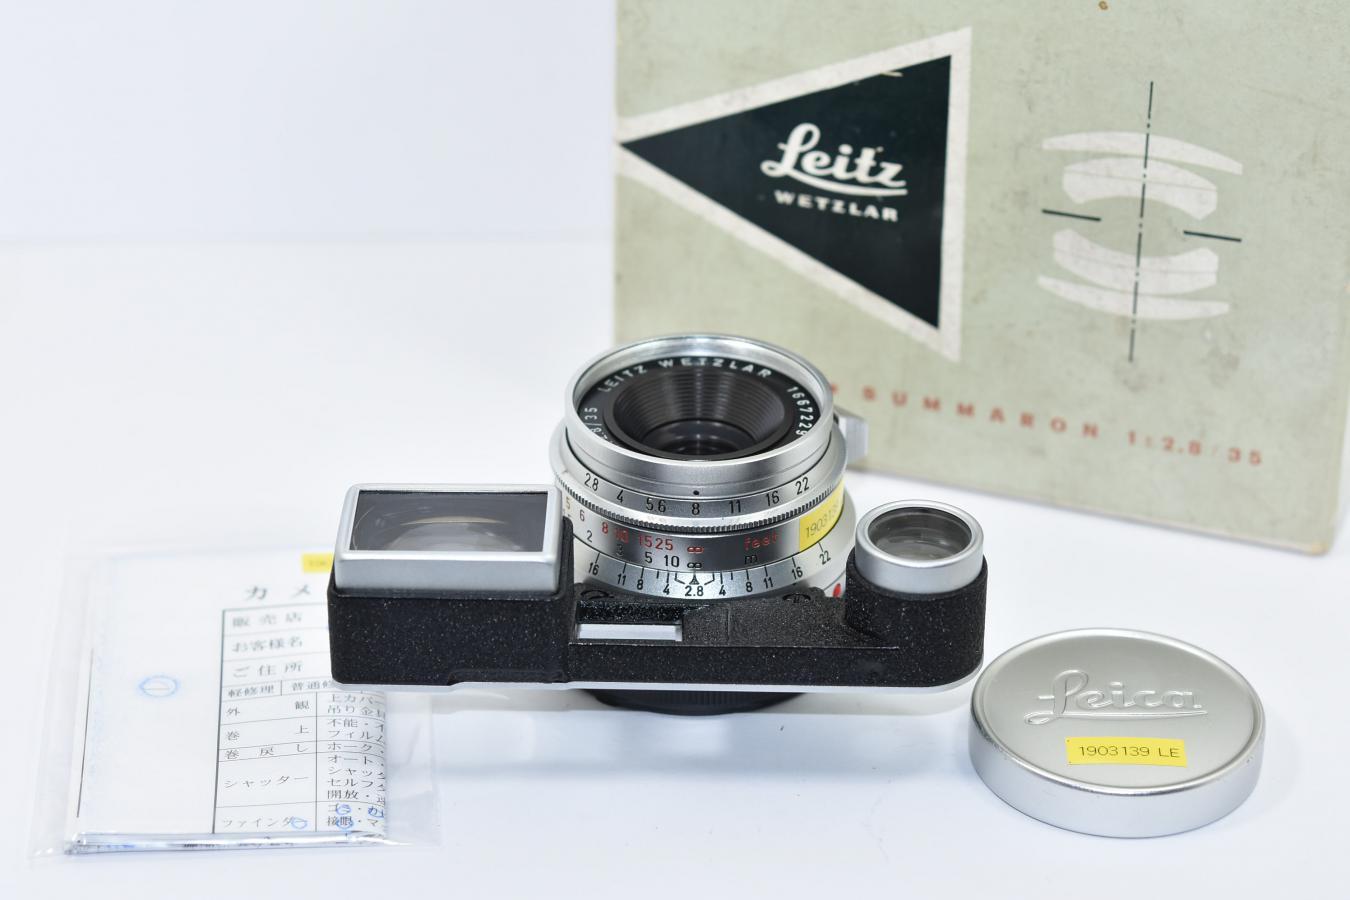 【コレクション向け】 ライカ ズマロンM 35mm F2.8 メガネ付 整備済 【166万台 1959年製 元箱付】